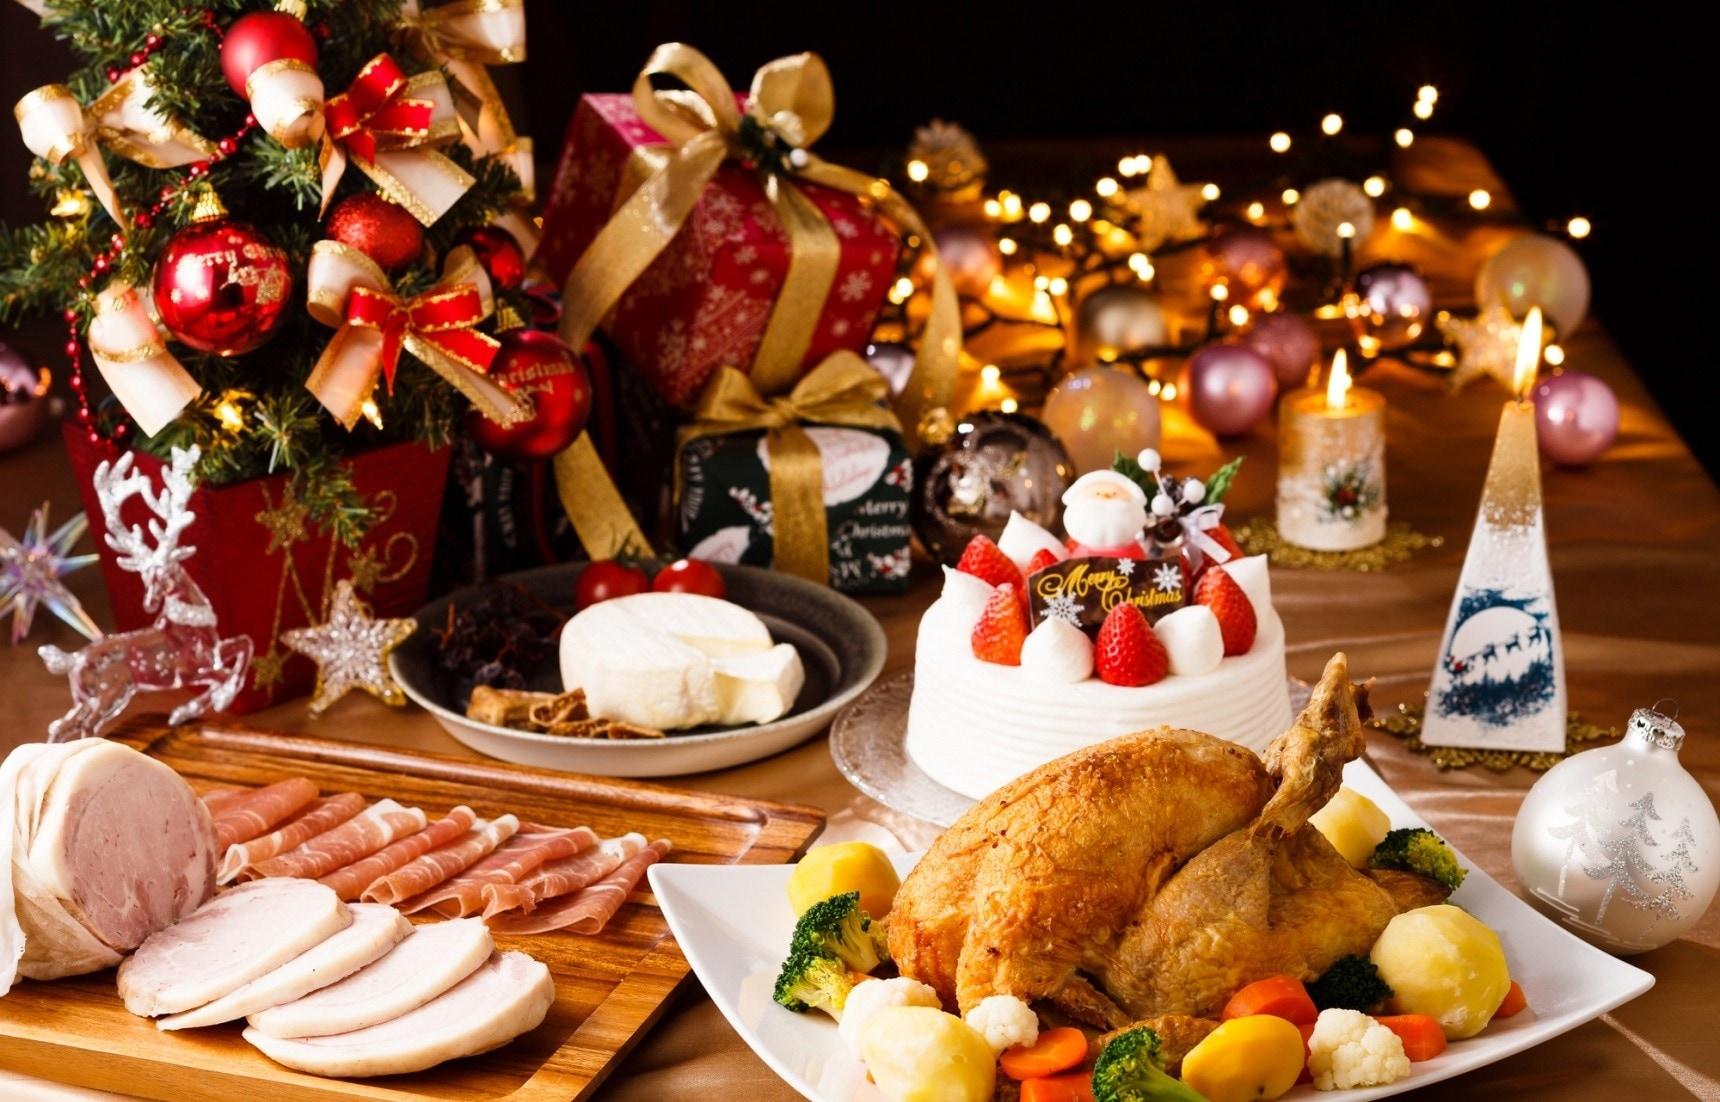 【深度日本】日式聖誕節為何與眾不同?緣由大揭秘!